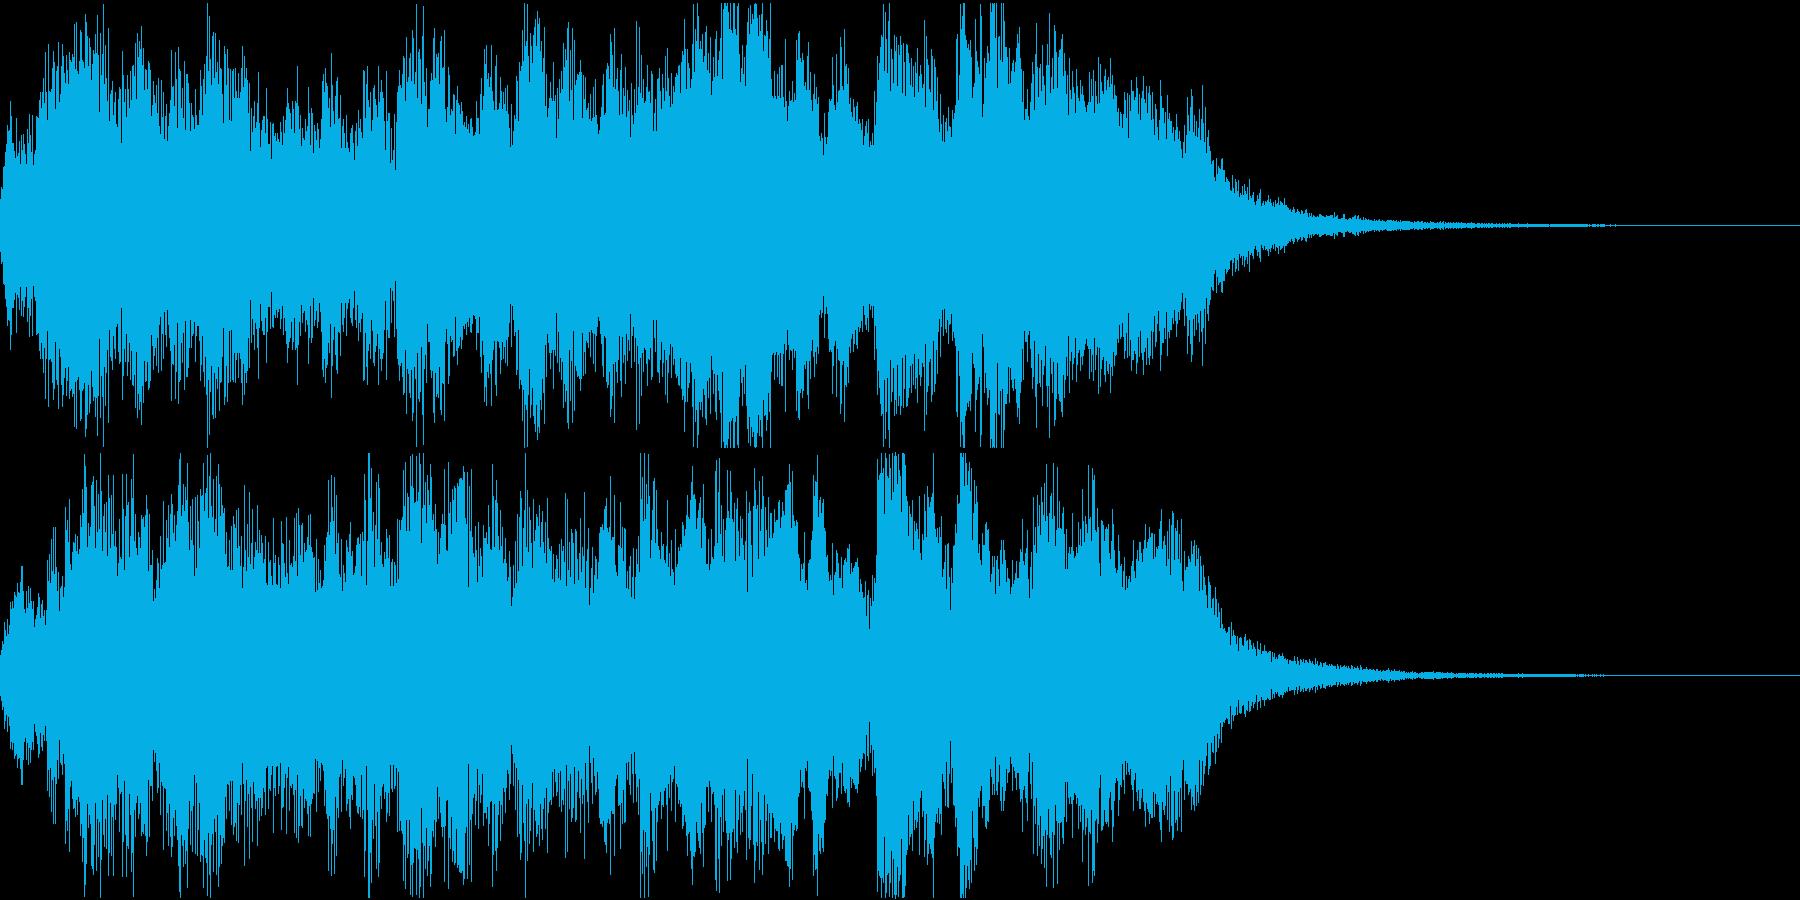 勝利、希望を表現したオーケストラジングルの再生済みの波形